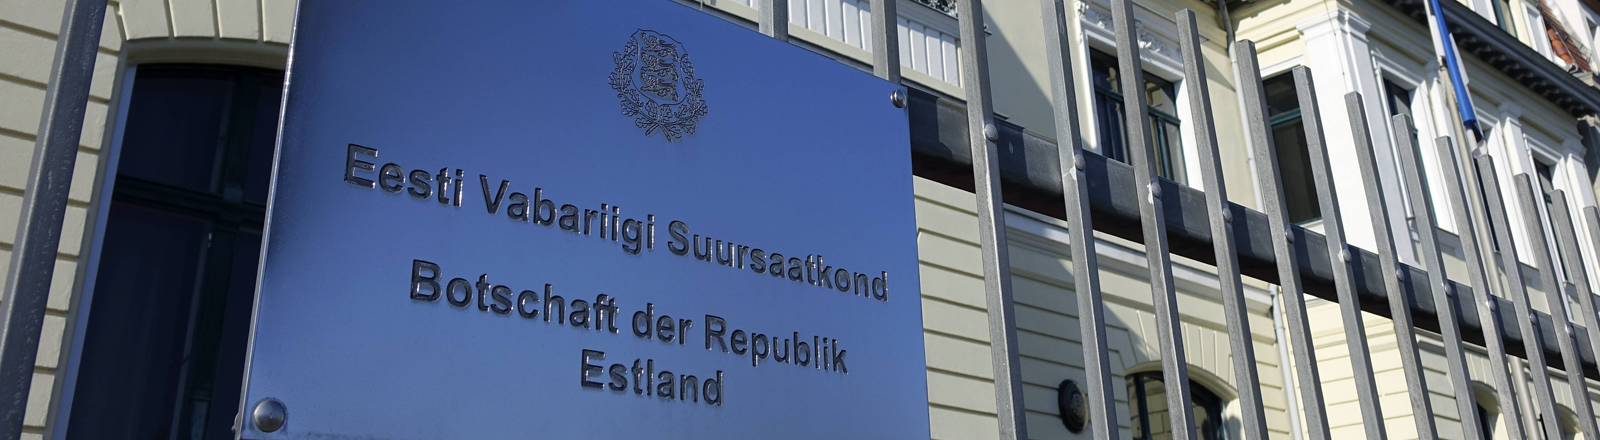 Die estnische Botschaft in Berlin